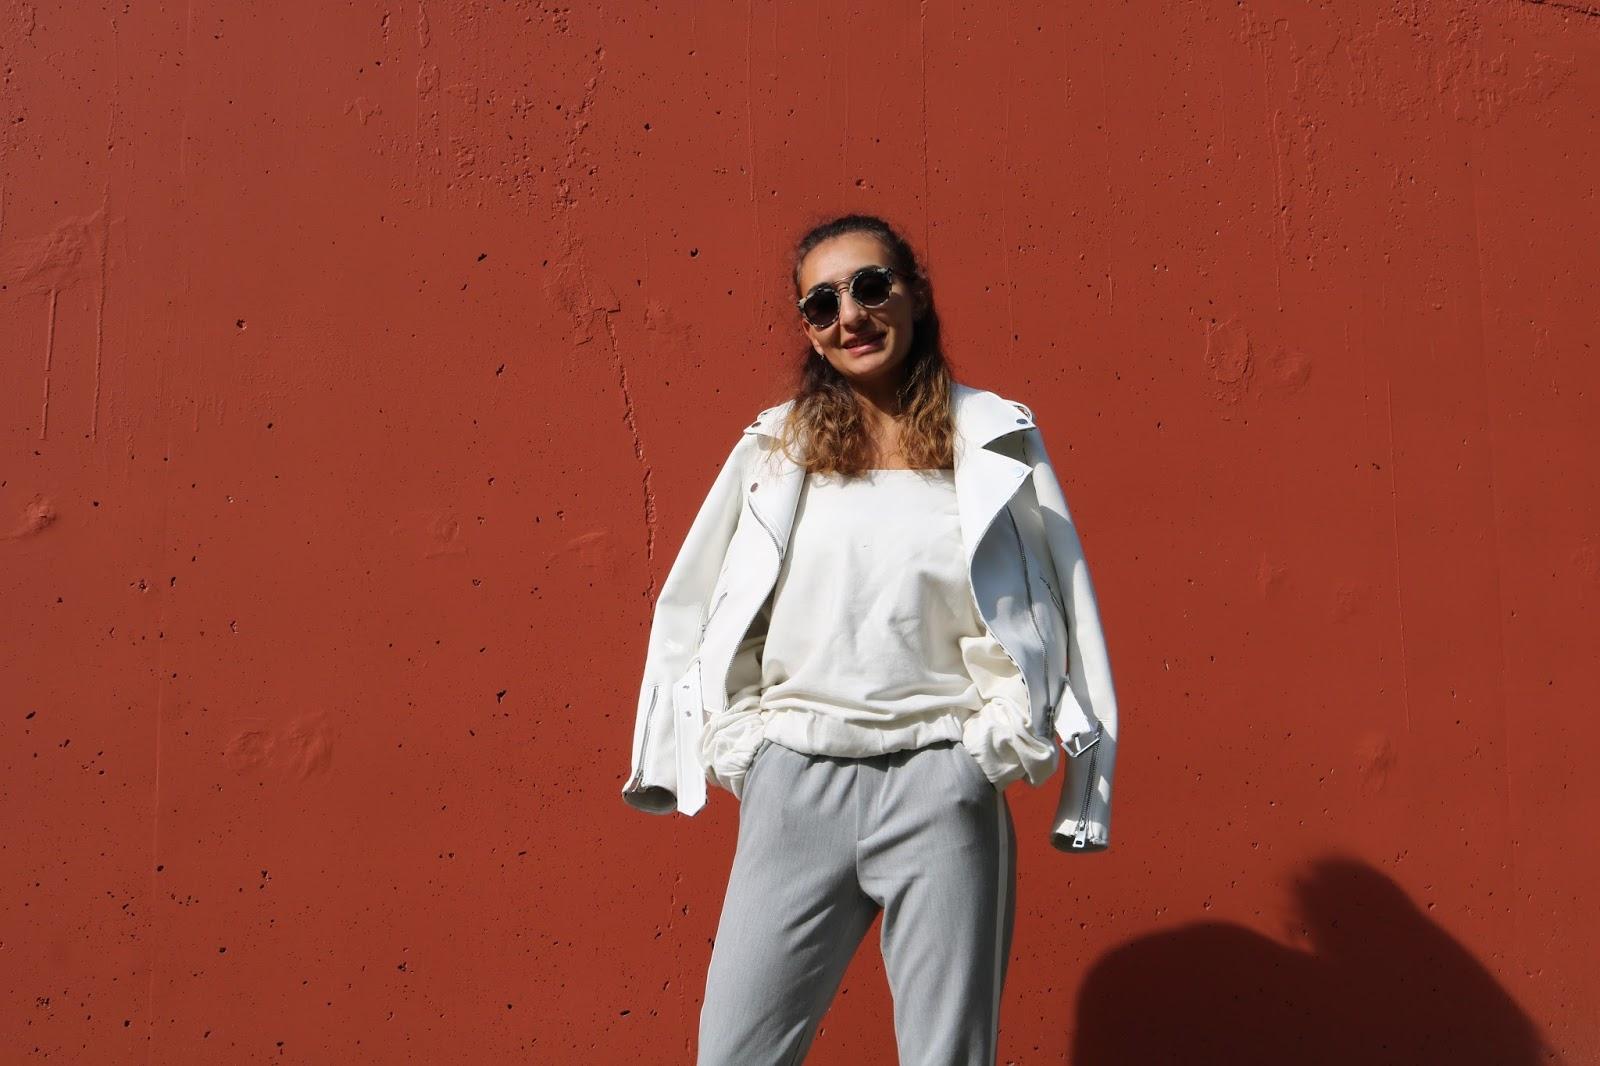 blog blogger blogging comment augmenter son lectorat mode fashion lifestyle comment développer son blog faire connaitre son blog l'importance des réseaux sociaux aggrandir les lecteurs toucher plus de monde référencement SEO deauville zara veste blanche gris blanc